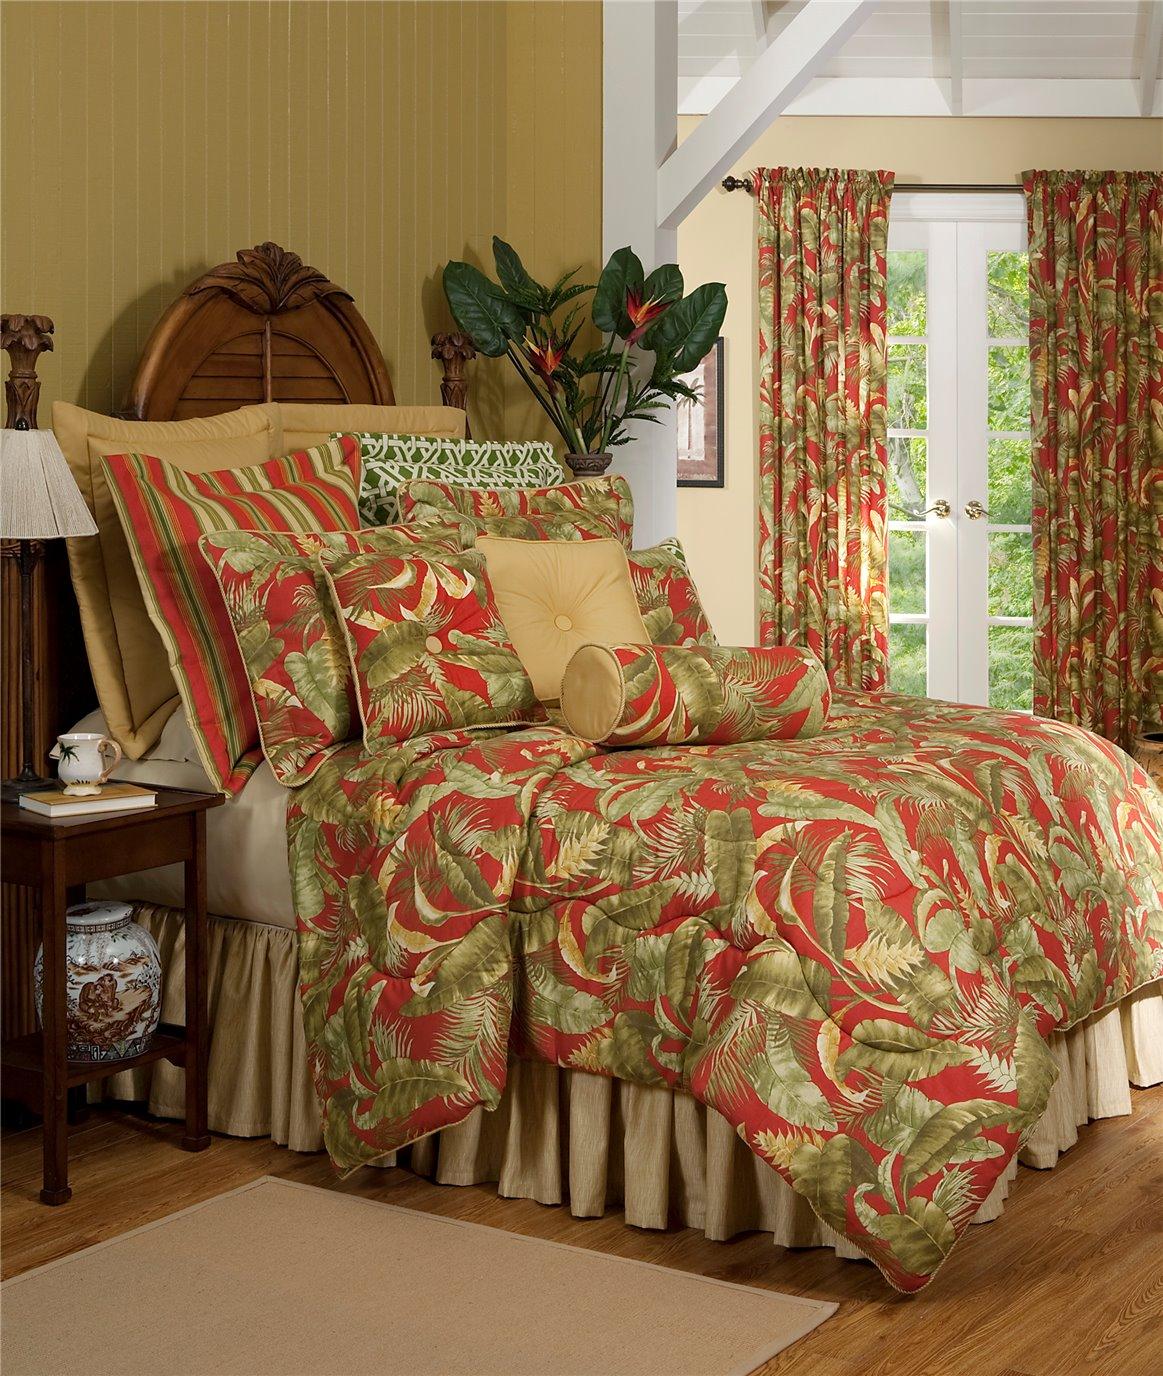 Captiva Full Thomasville Comforter